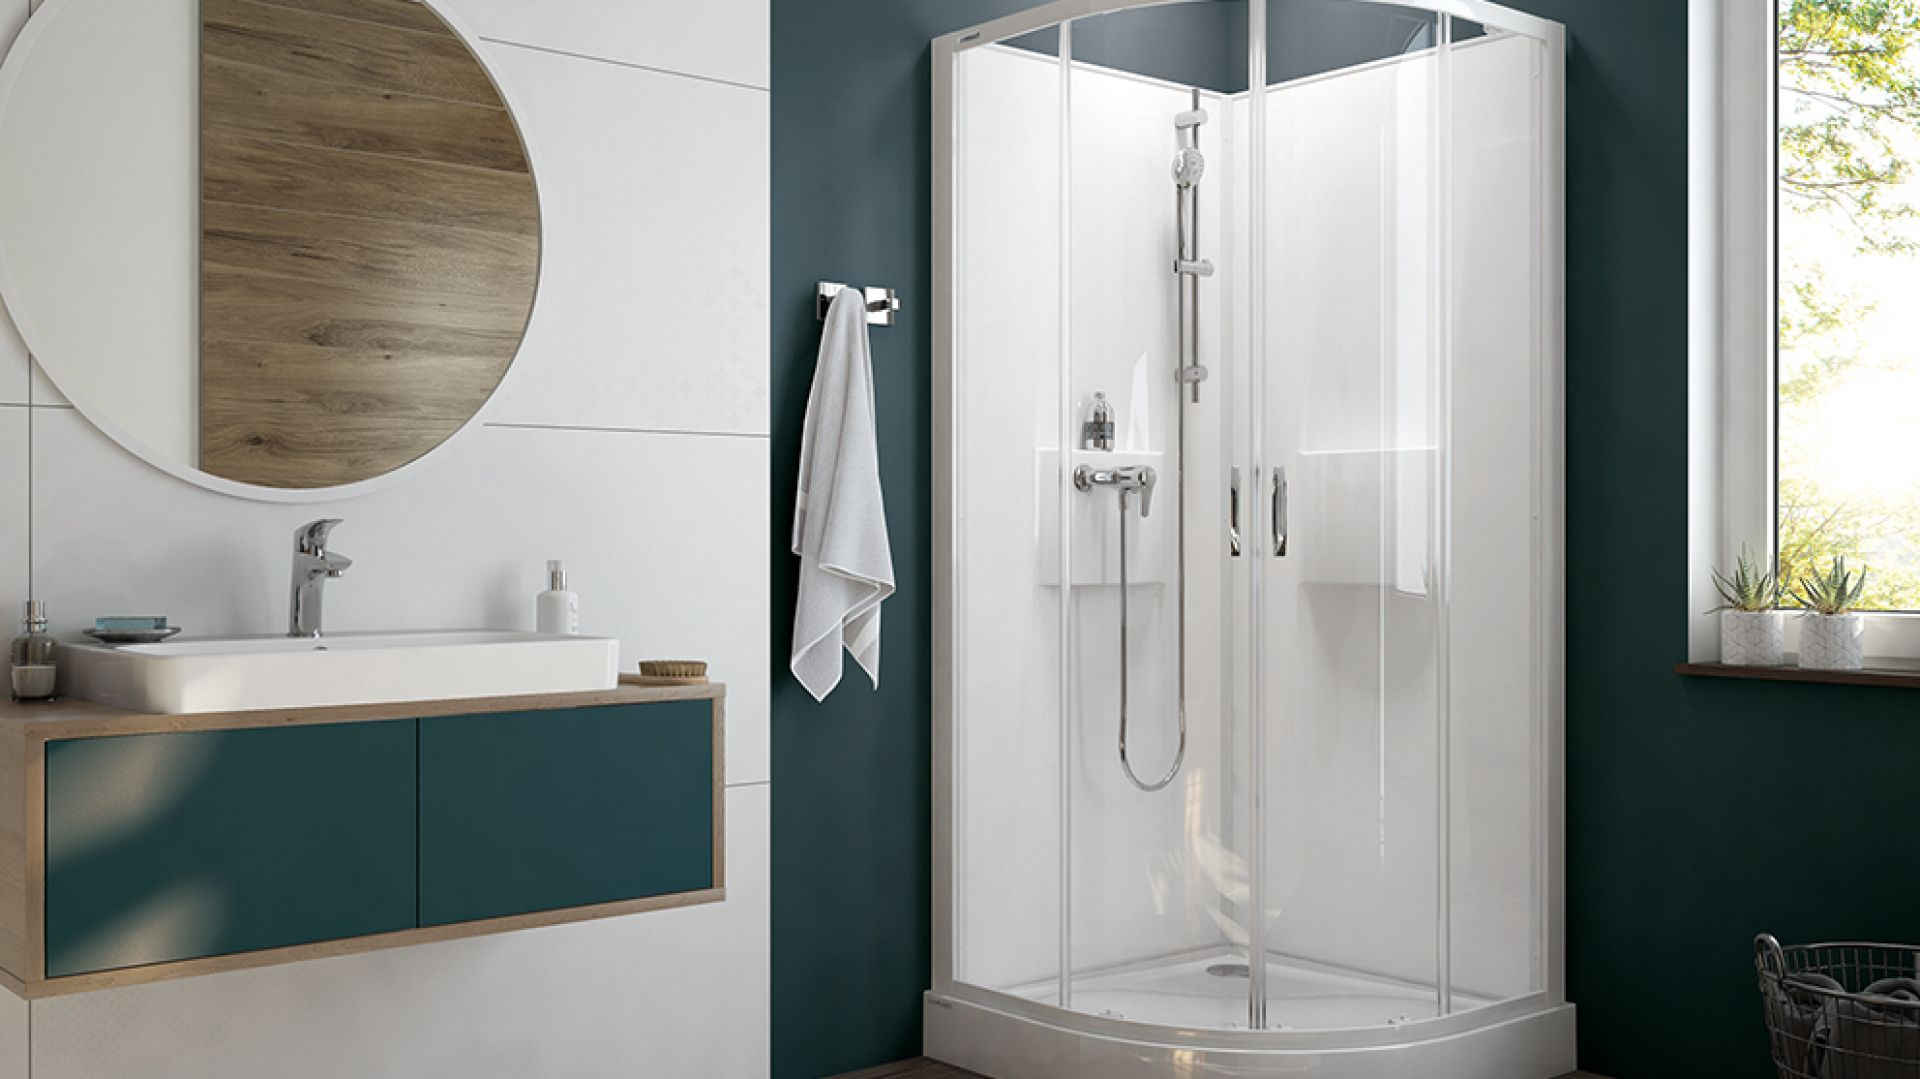 Seria Basic Complete to kompletne kabiny prysznicowe, które dostępne są w zestawach z brodzikiem. Cena: od 3.442 zł. Fot. Sanplast